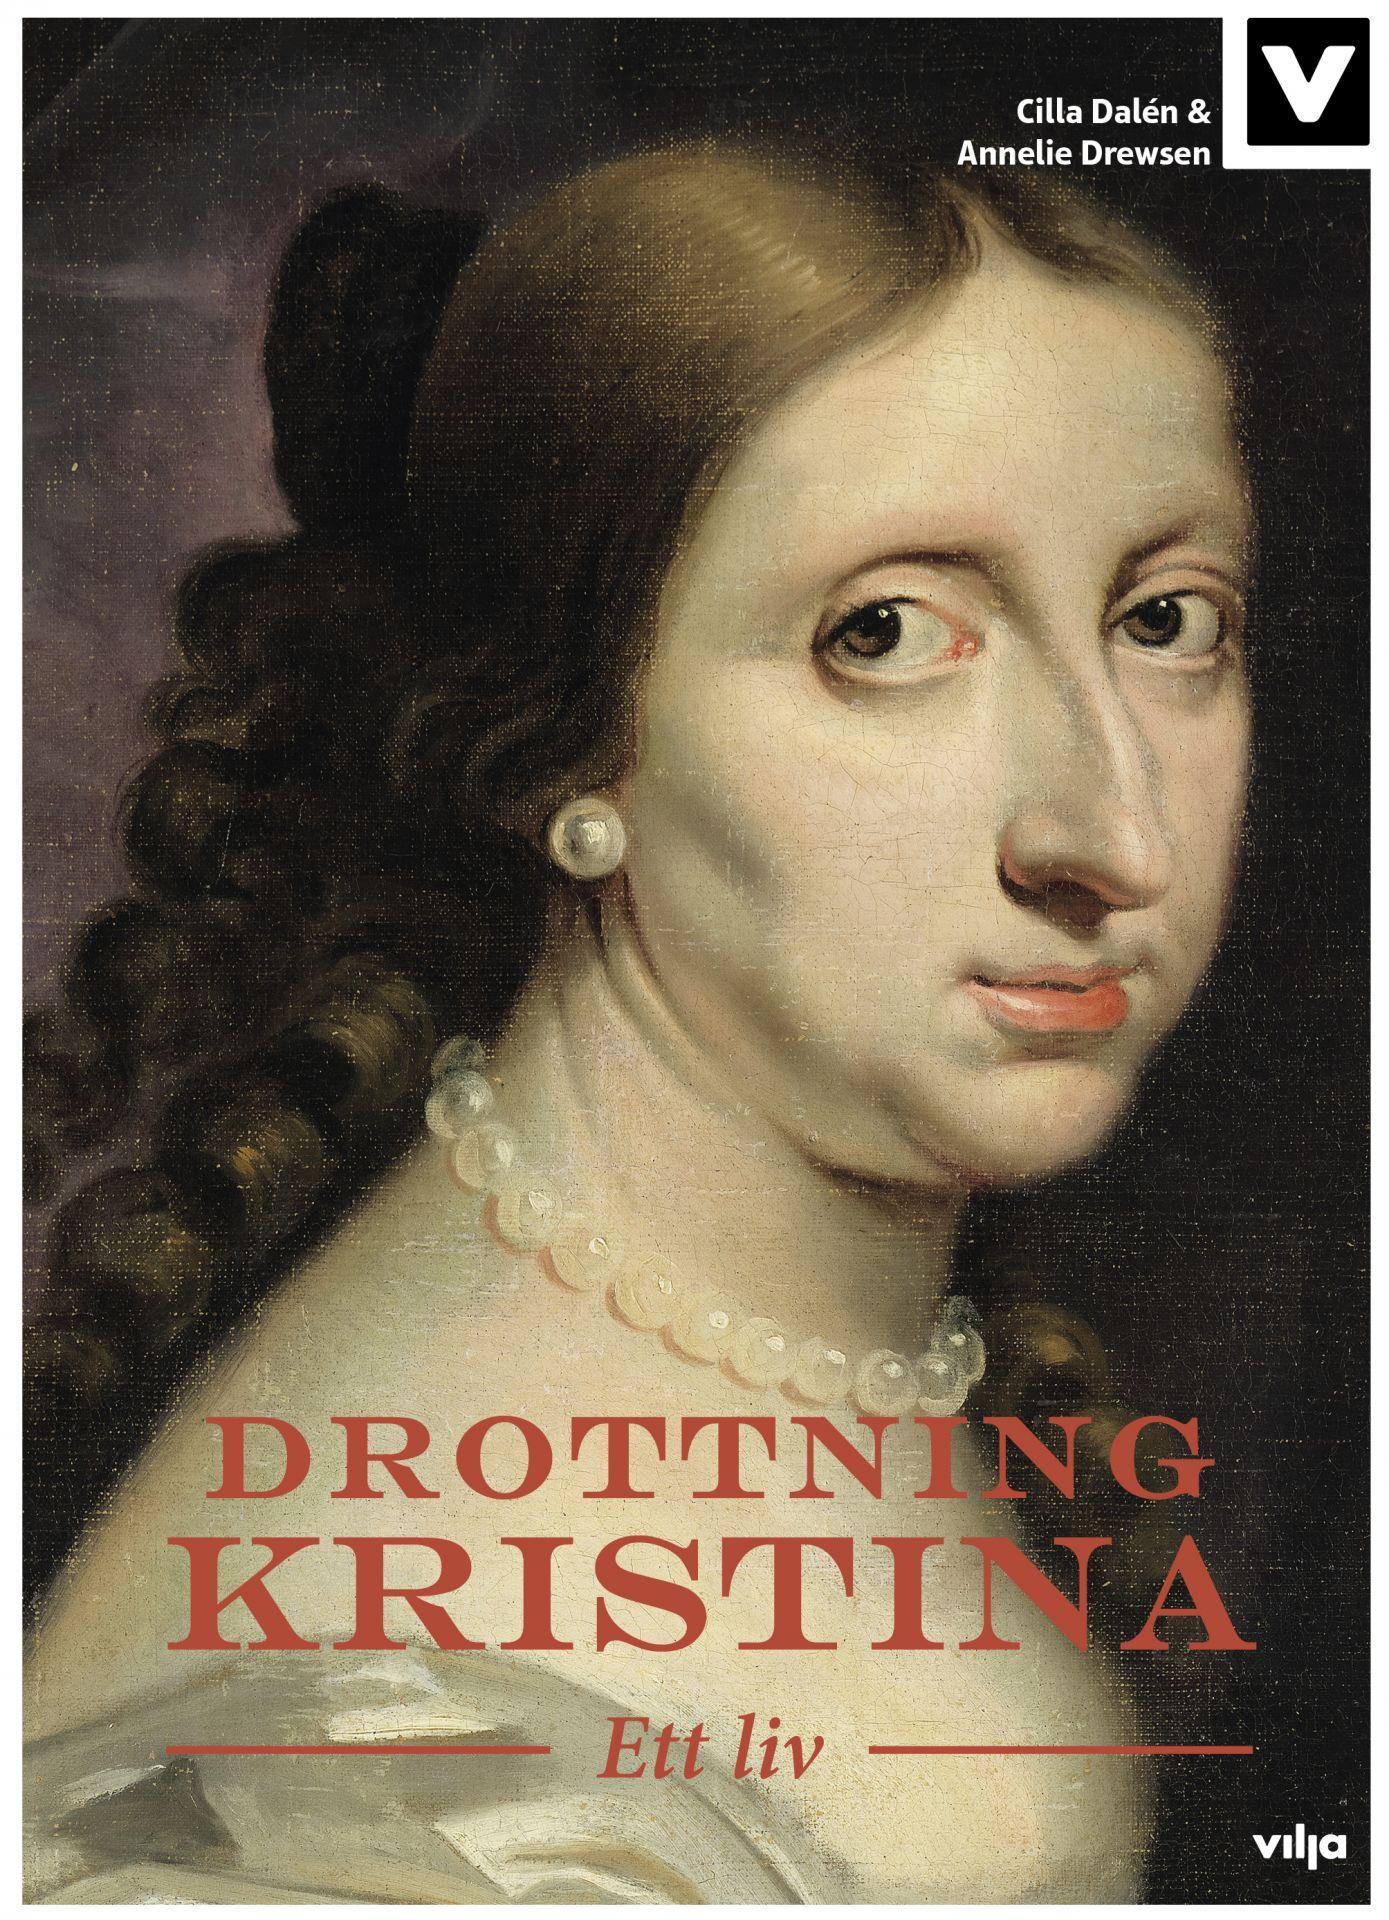 Målning av Drottning Kristina på bokens pärm.